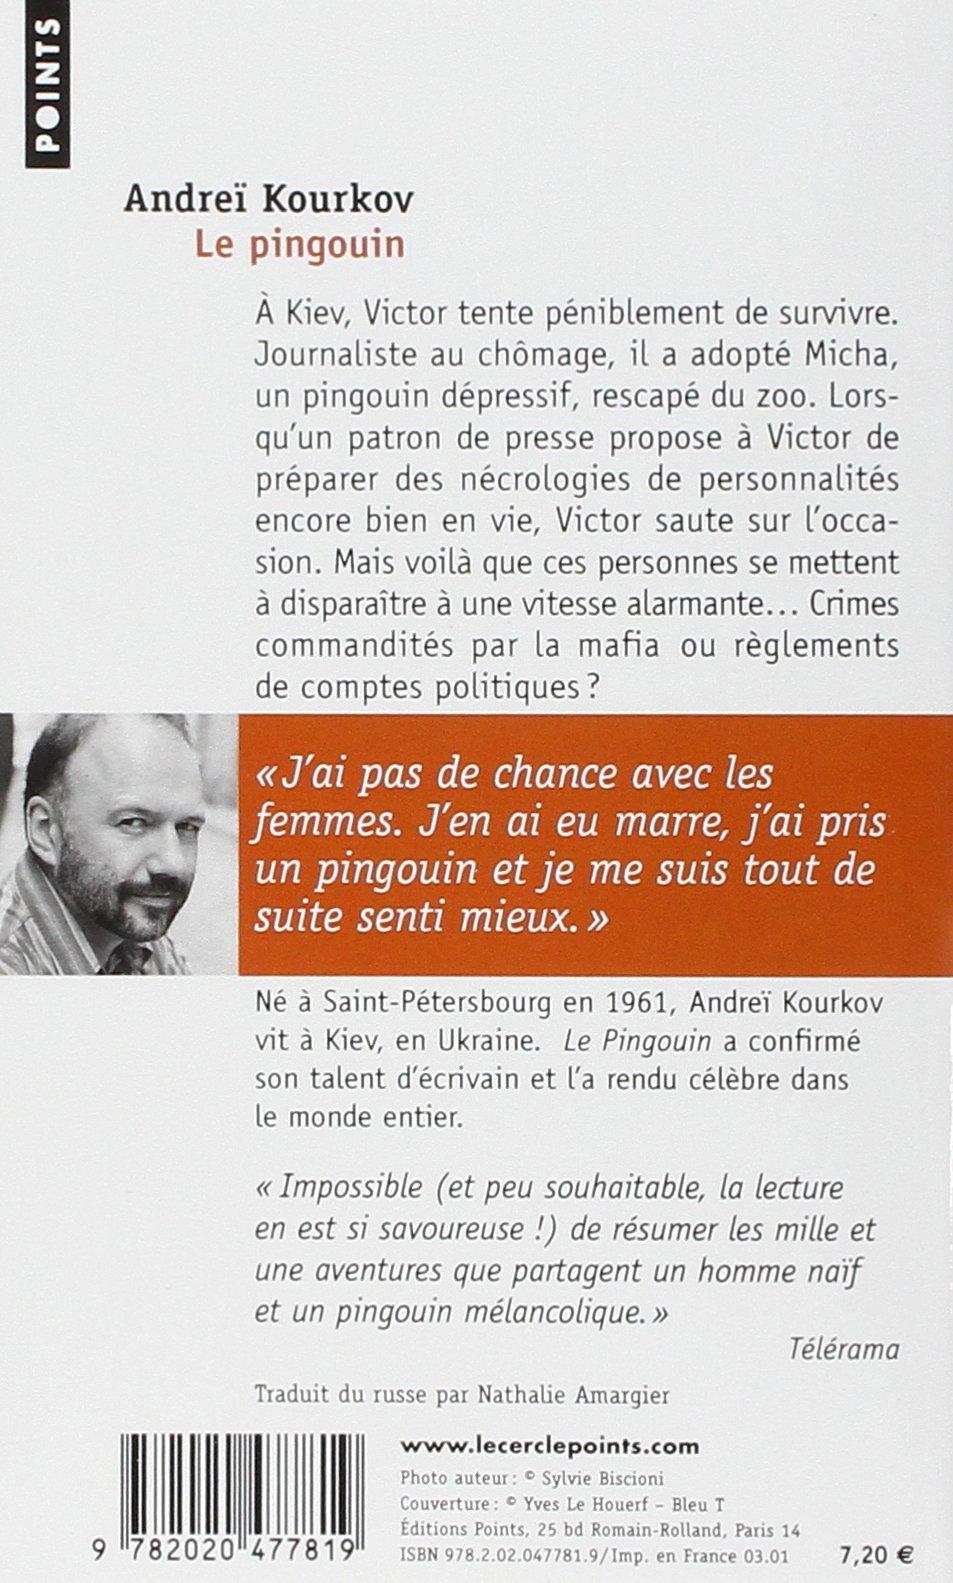 Le Pingouin Andrei Kourkov  AmazonCom Books